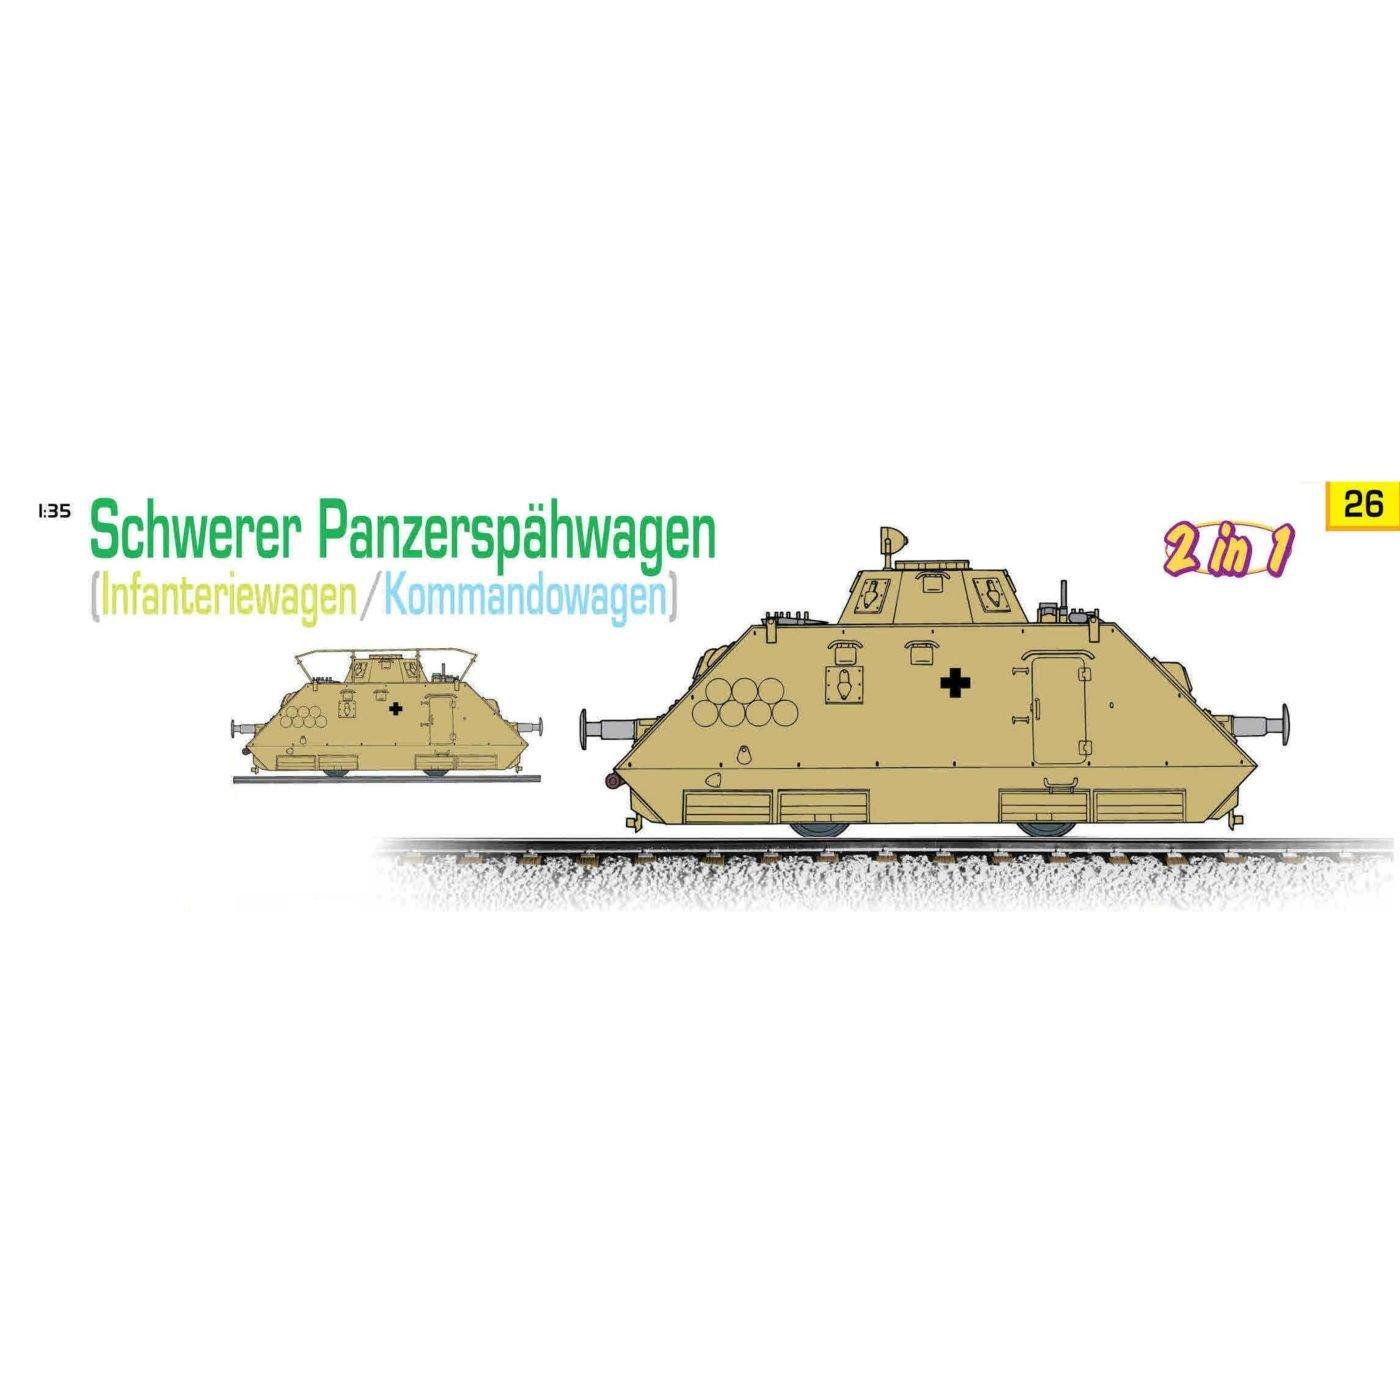 Cyber Hobby 1/35 Schwerer PanzerspÃcurren;hwagen Kommandowagen/Infanteriewagen (2 in 1) + Armored Reconnaissance Figure Set